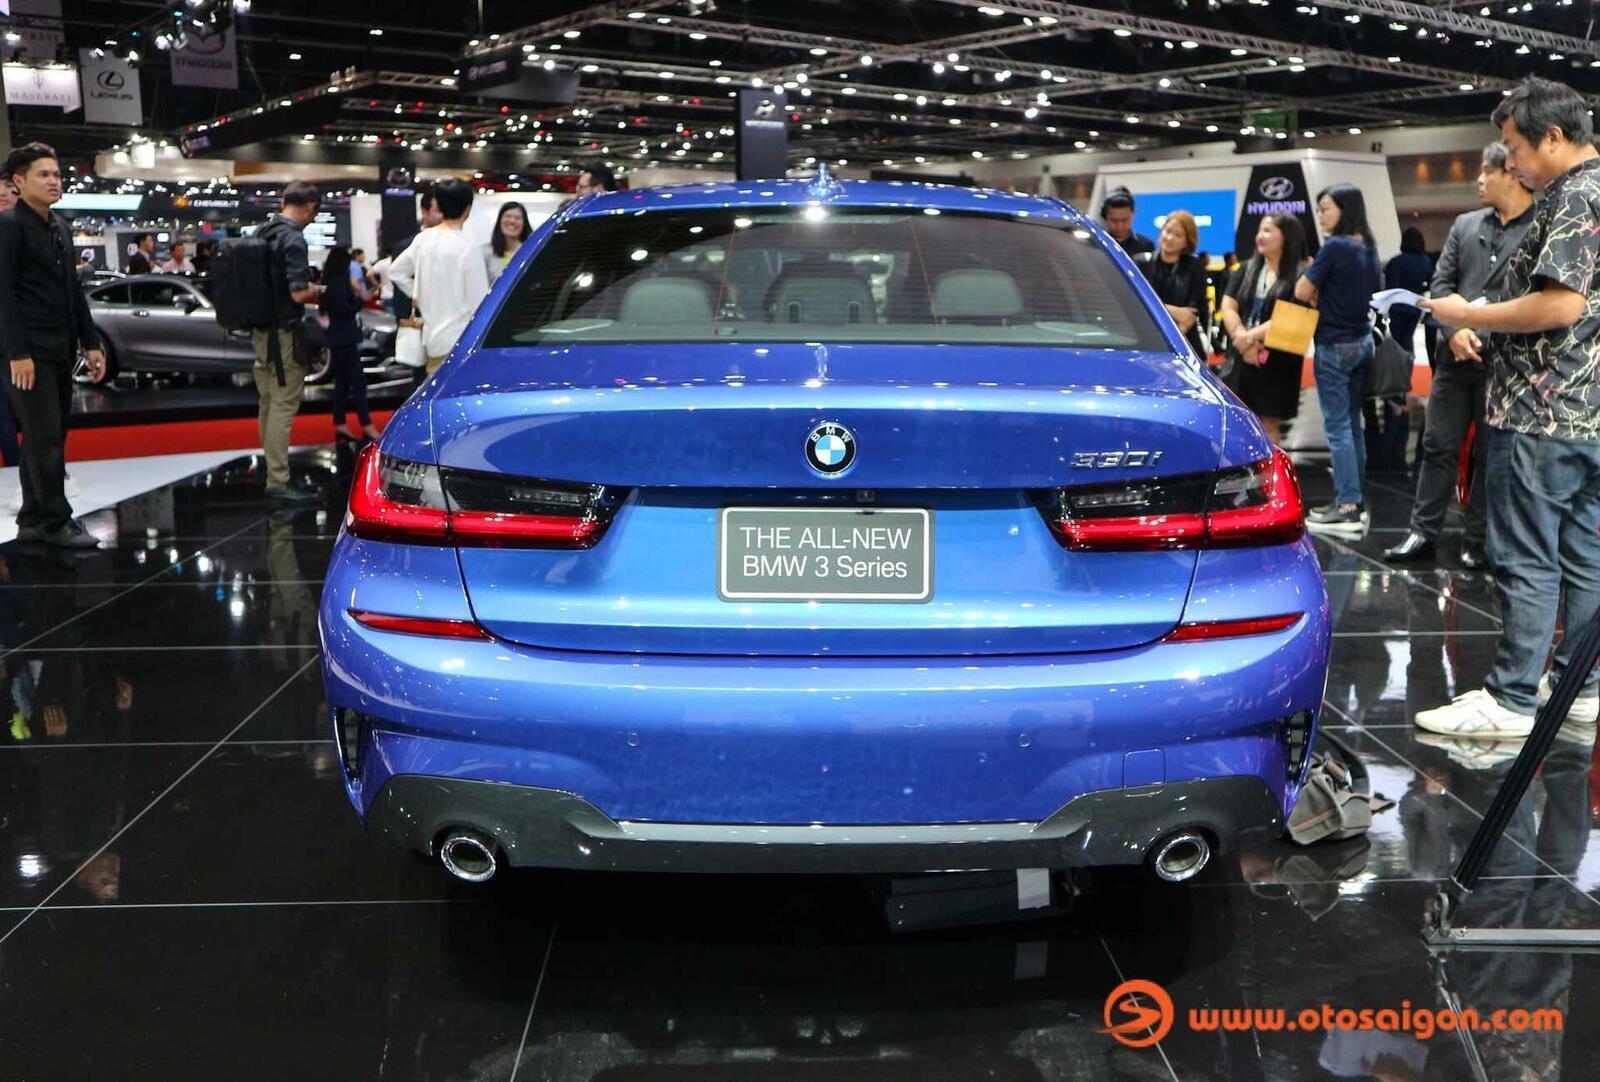 BMW 3 Series mới tại Thái Lan có giá bán từ 2,1 đến 2,4 tỷ đồng - Hình 7